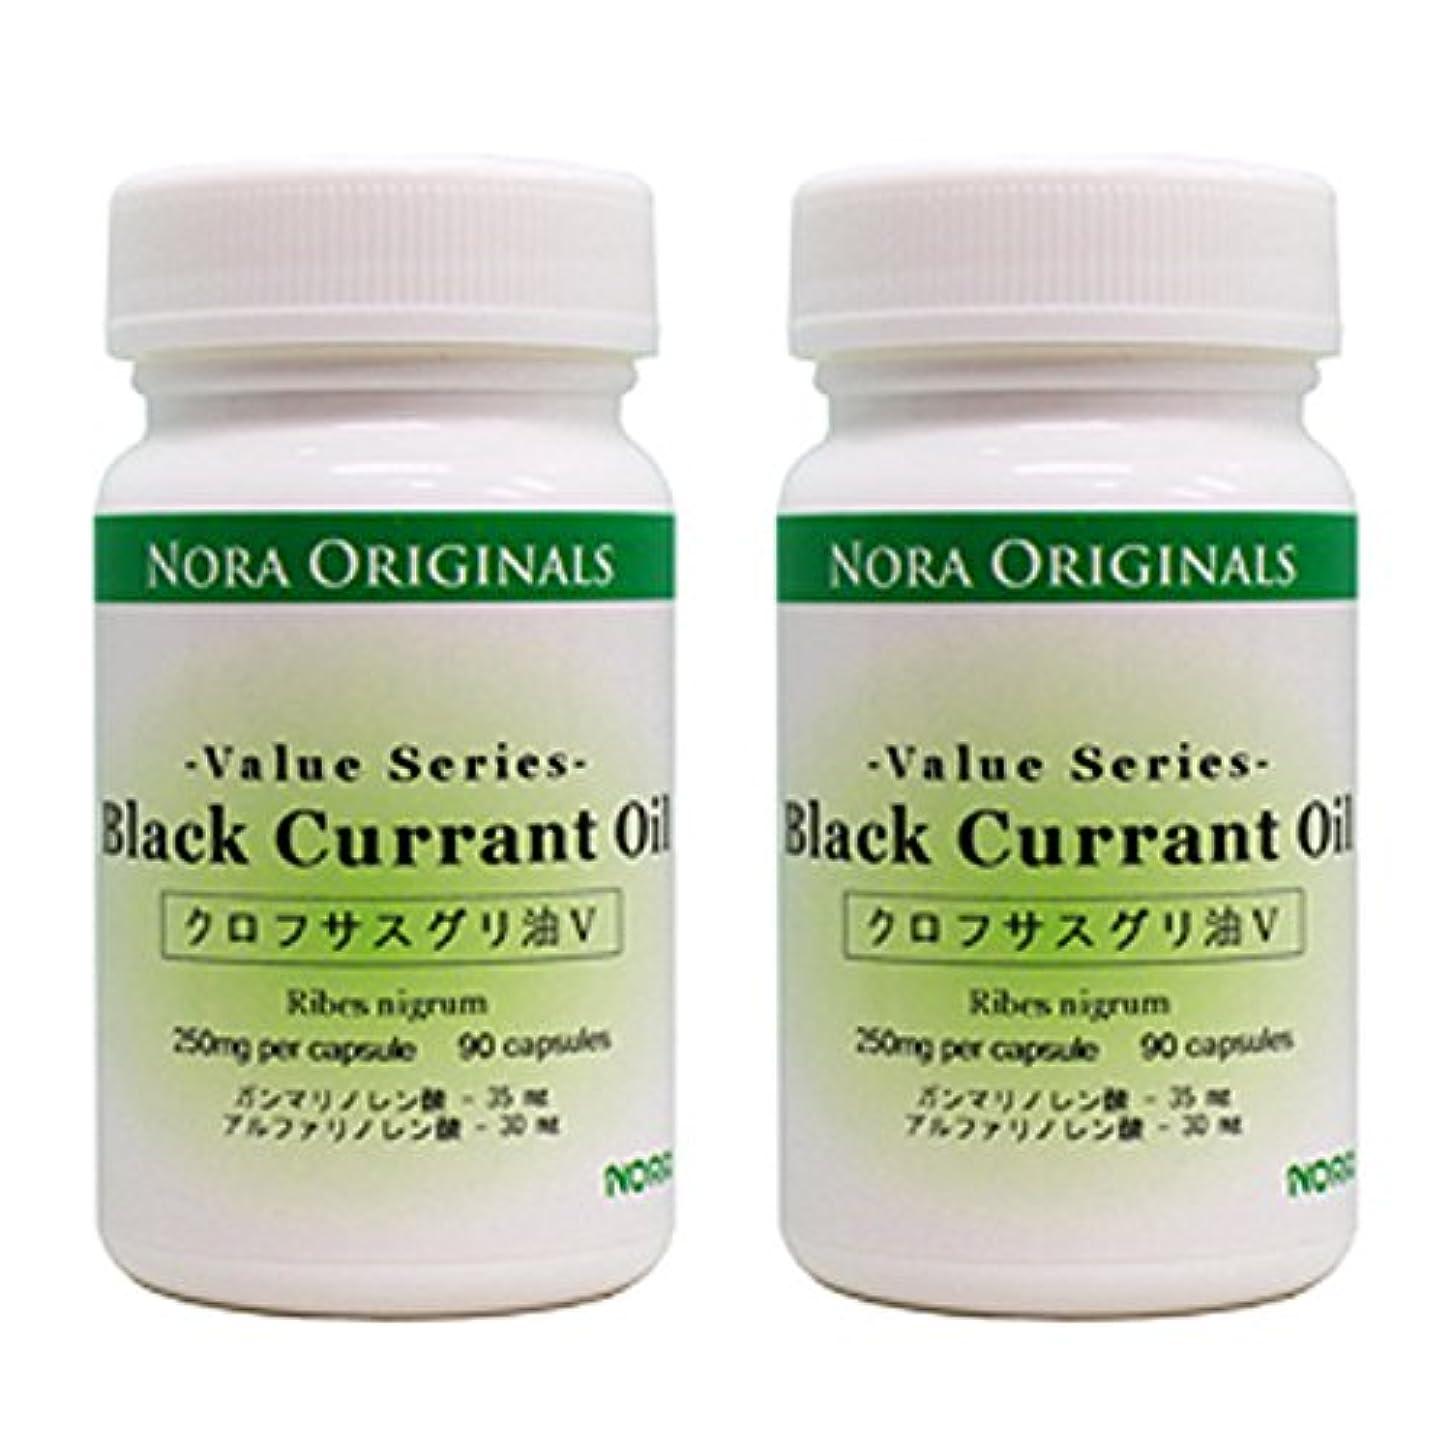 健康的暴君旅ノラ?オリジナルズ クロフサスグリ油 V Black Currant Oil V オイル 250mg 90カプセル 2個セット